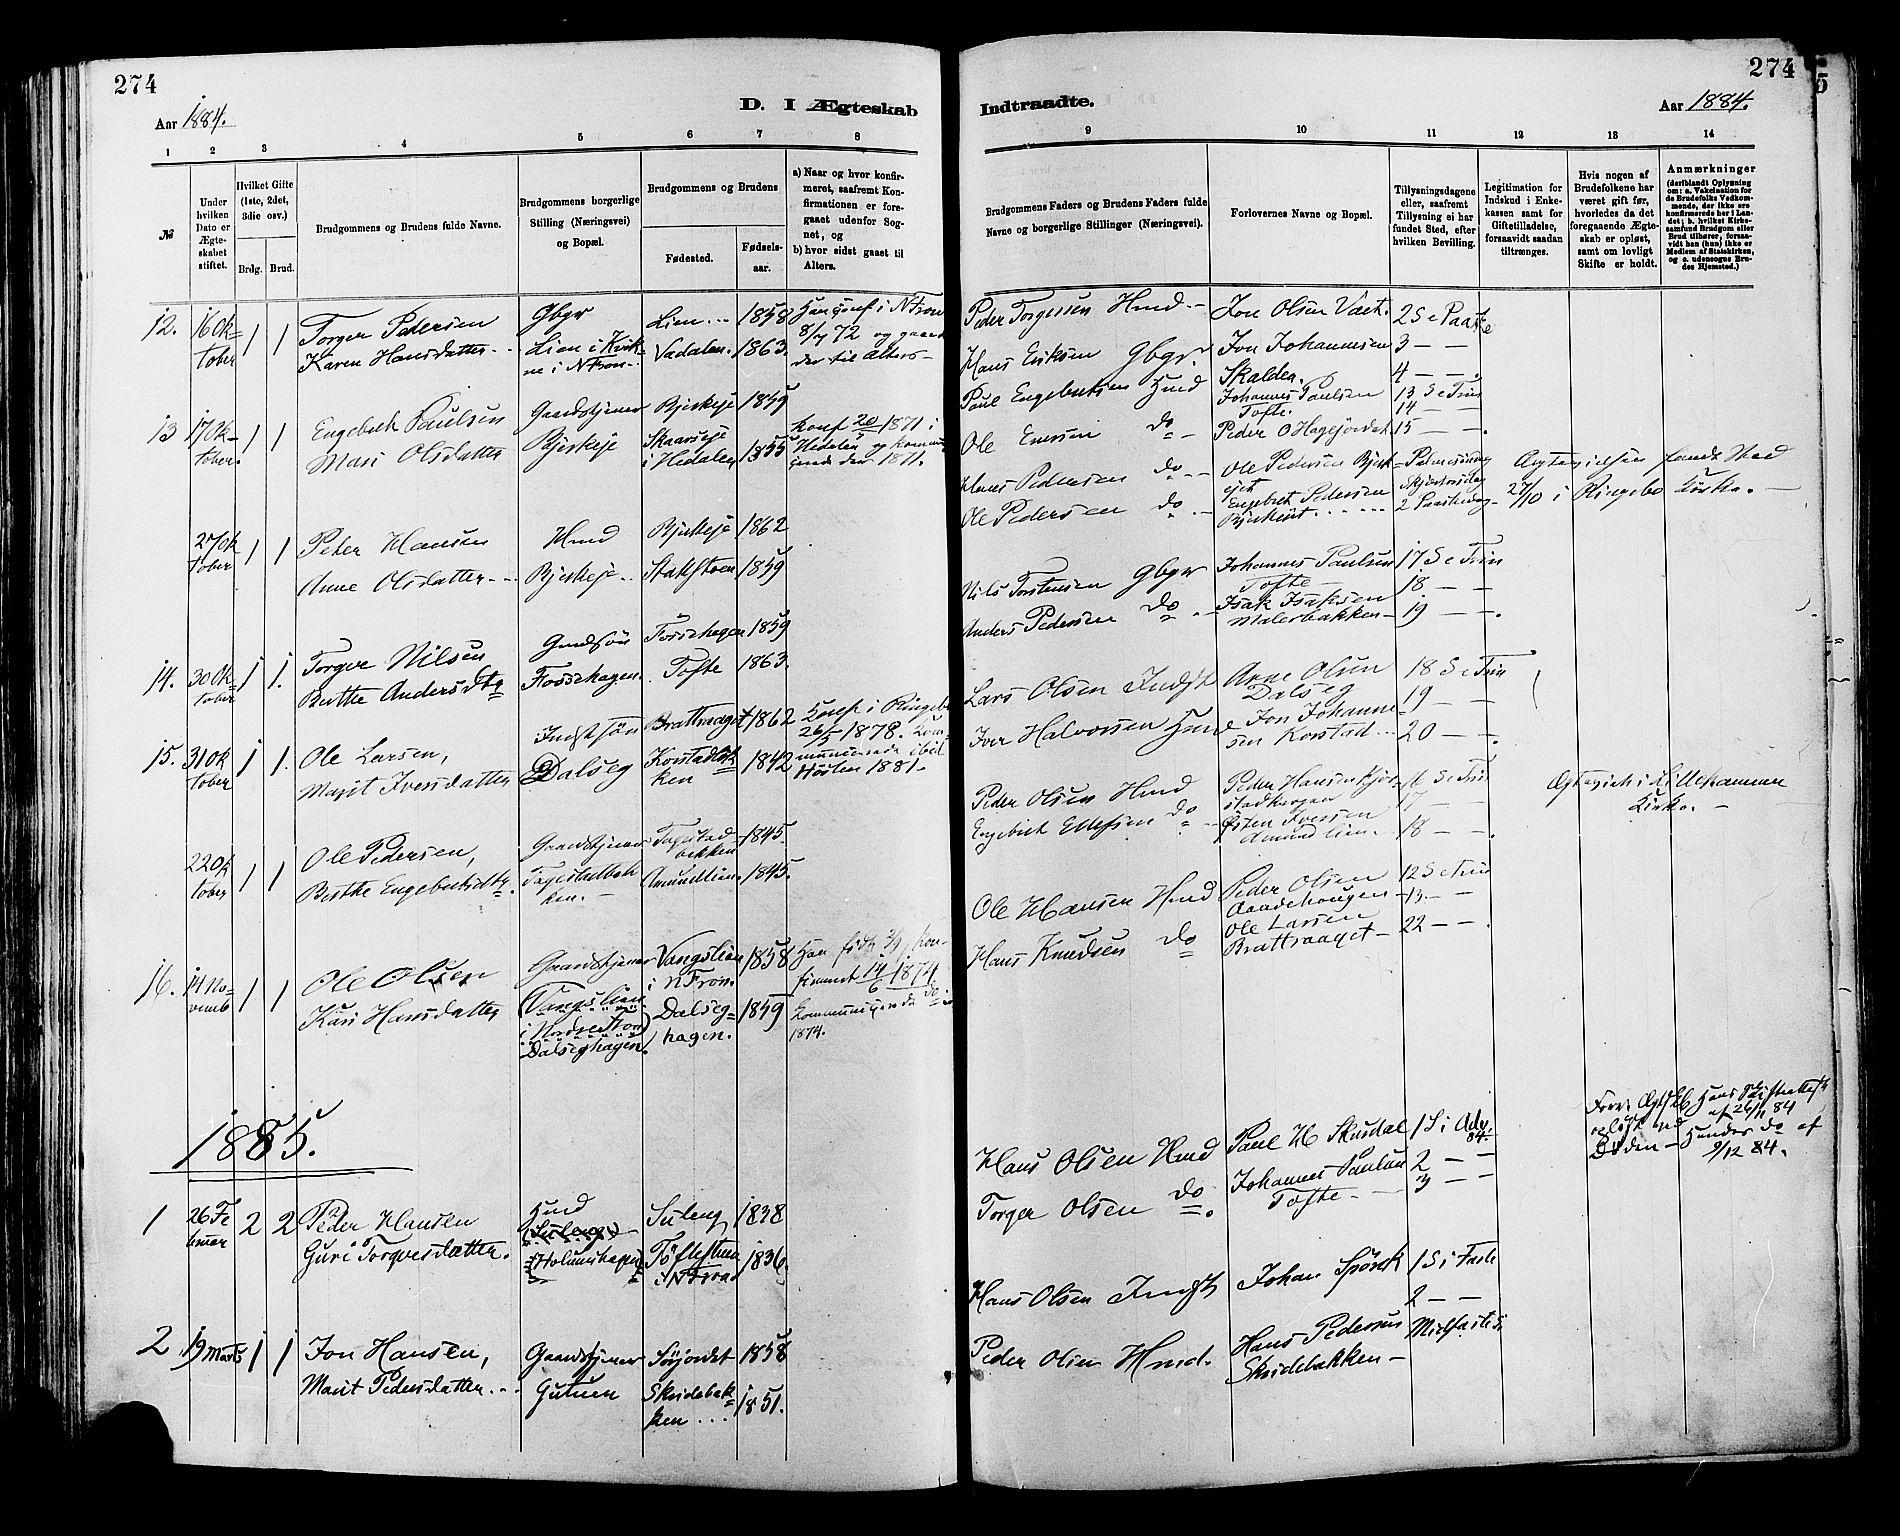 SAH, Sør-Fron prestekontor, H/Ha/Haa/L0003: Ministerialbok nr. 3, 1881-1897, s. 274